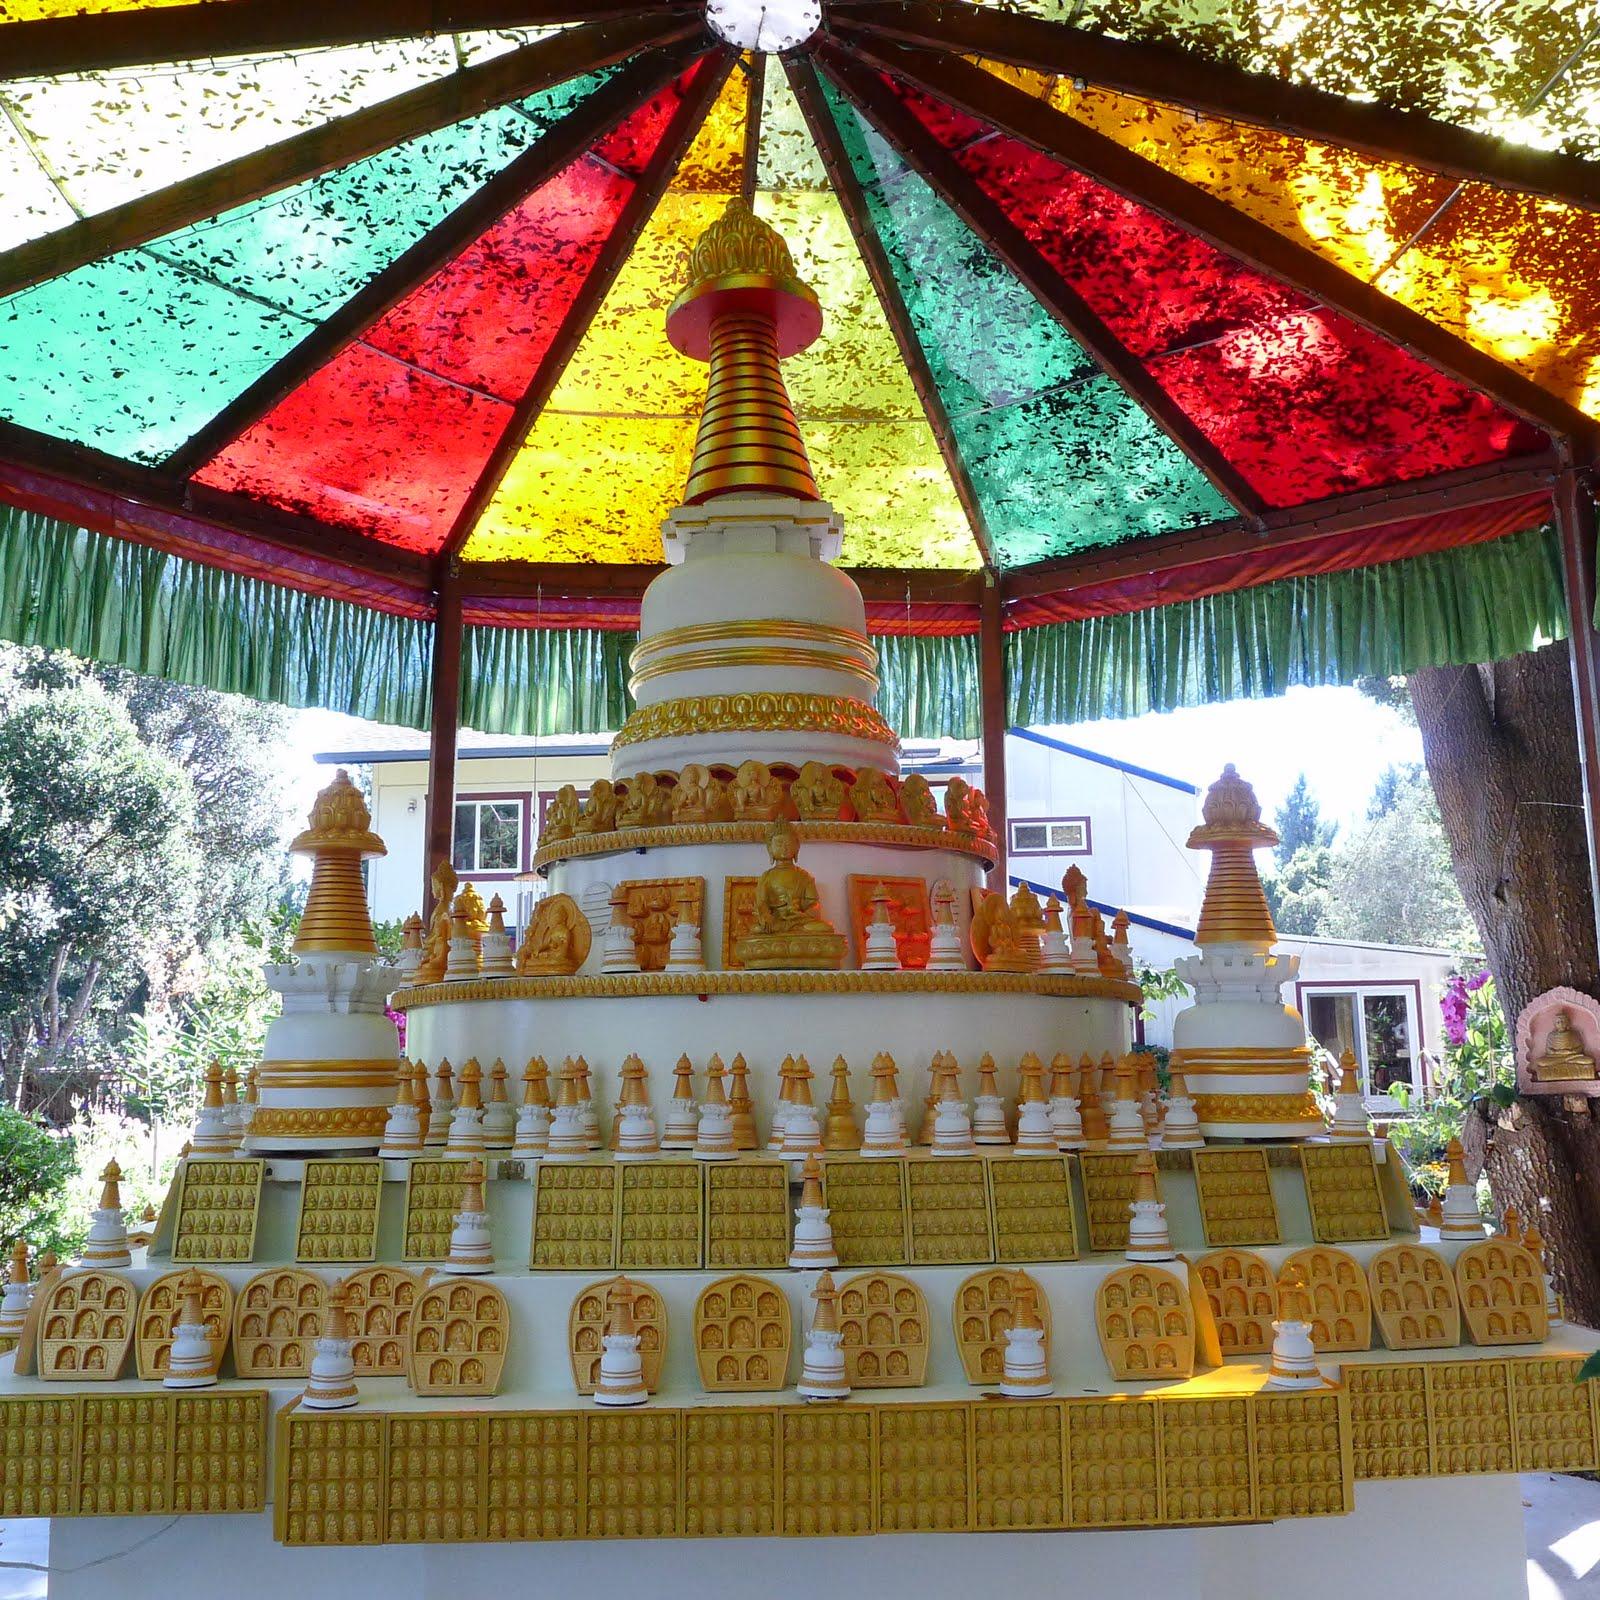 Kadampa stupa with many other stupas and tsa tsas at Kachoe Dechen Ling, Aptos, CA, USA.